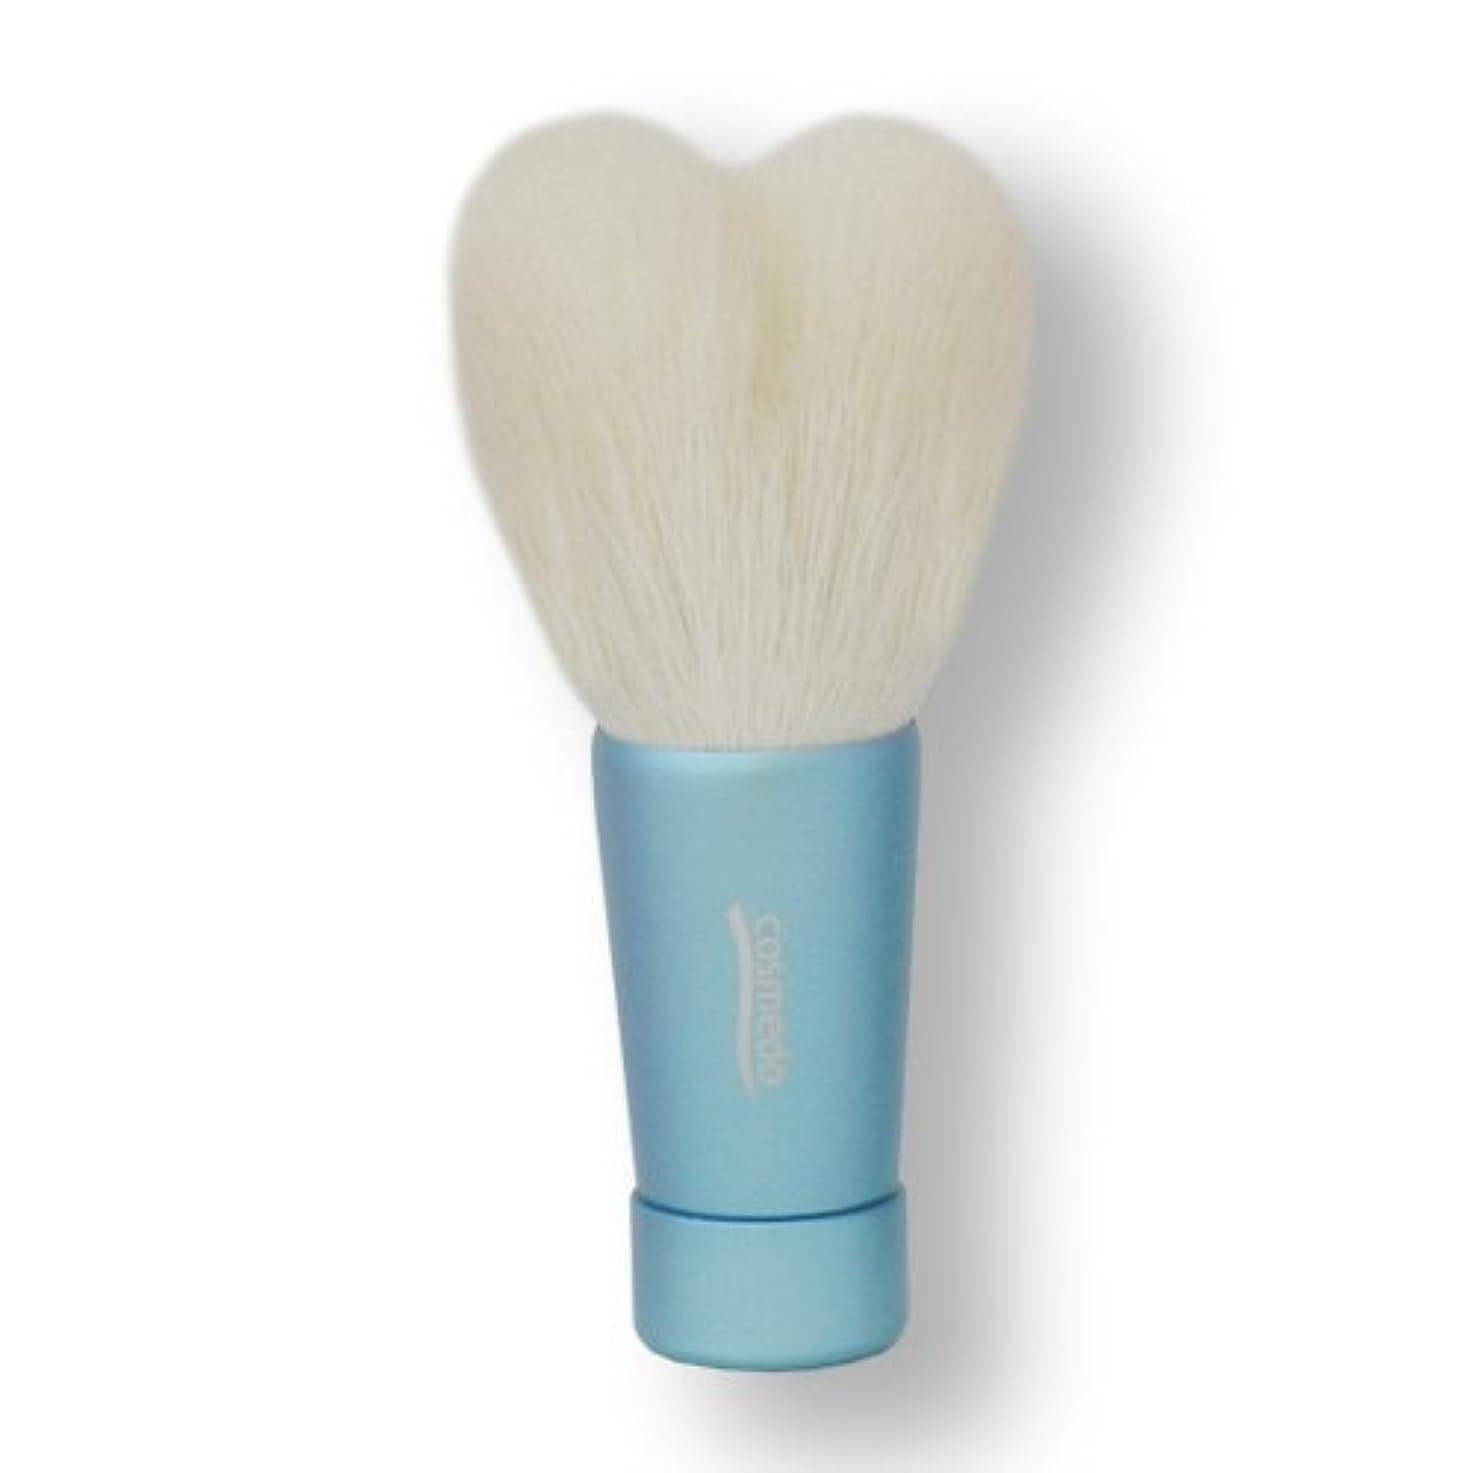 匠の化粧筆コスメ堂 熊野筆 ハート型洗顔ブラシ Mサイズ ブルー (青) 全長80mm